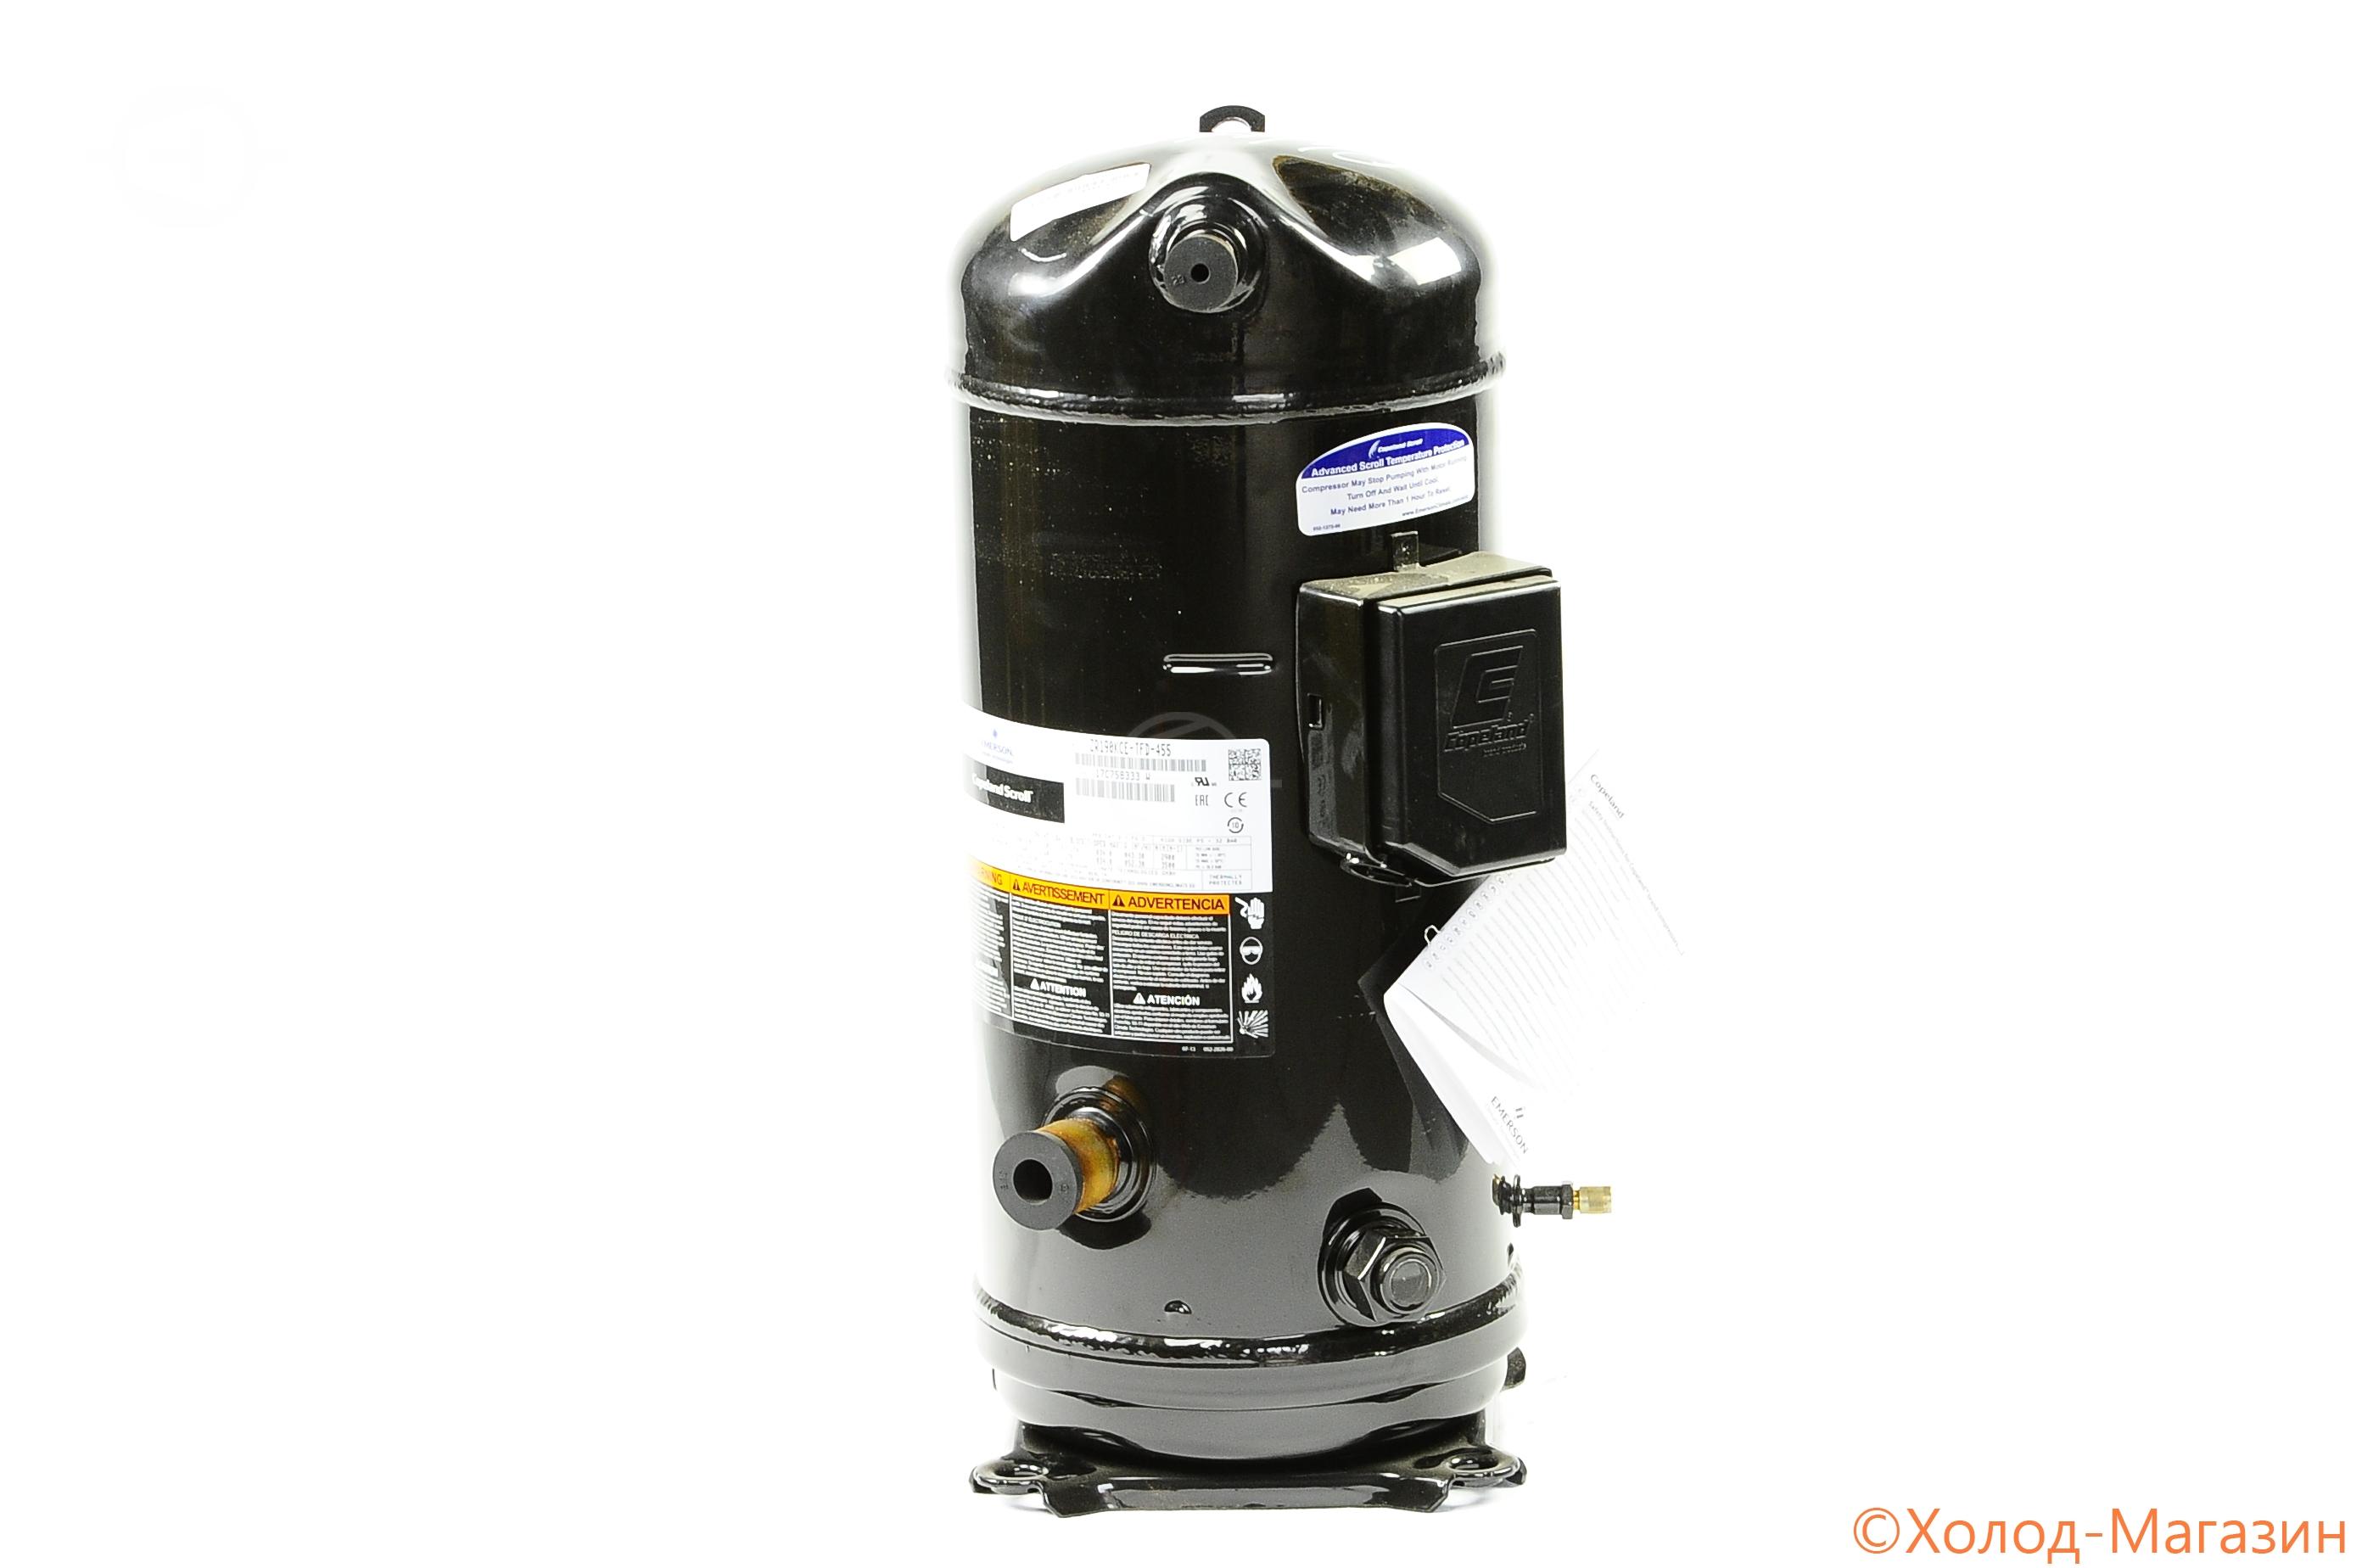 Компрессор спиральный ZR 190 KCE-TFD-455 Copeland, Emerson